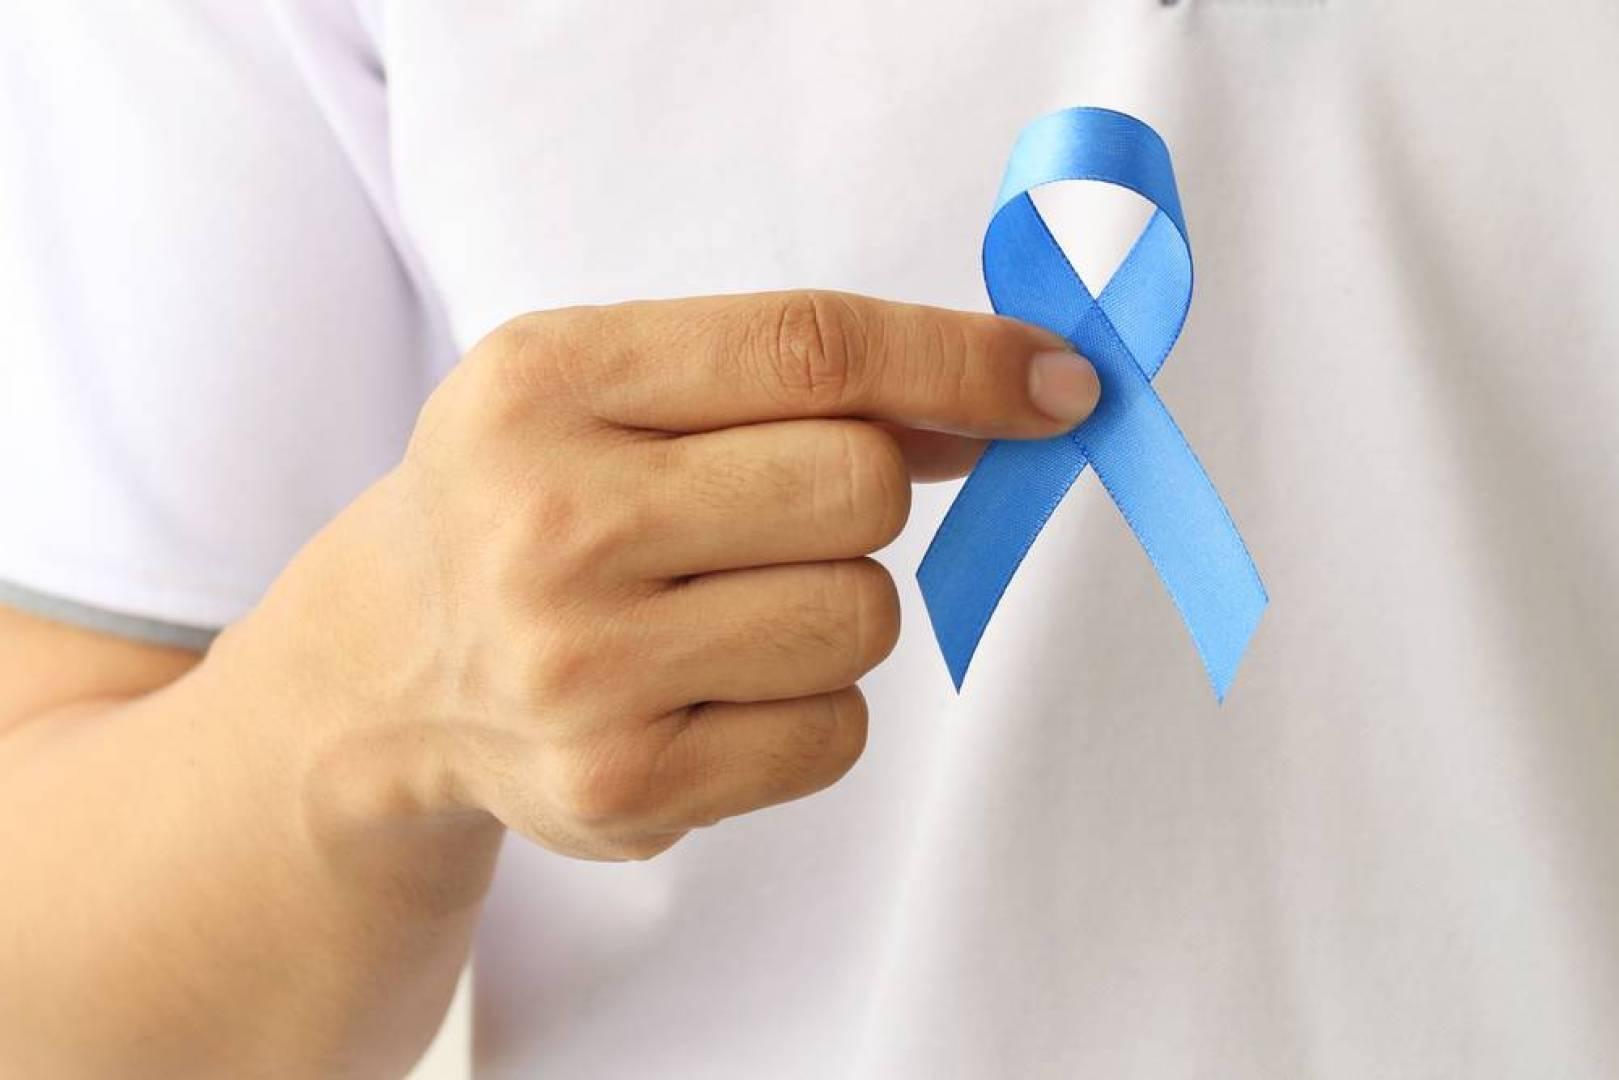 اكتشاف عقار جديد يمنح الأمل في علاج سرطان البروستاتا